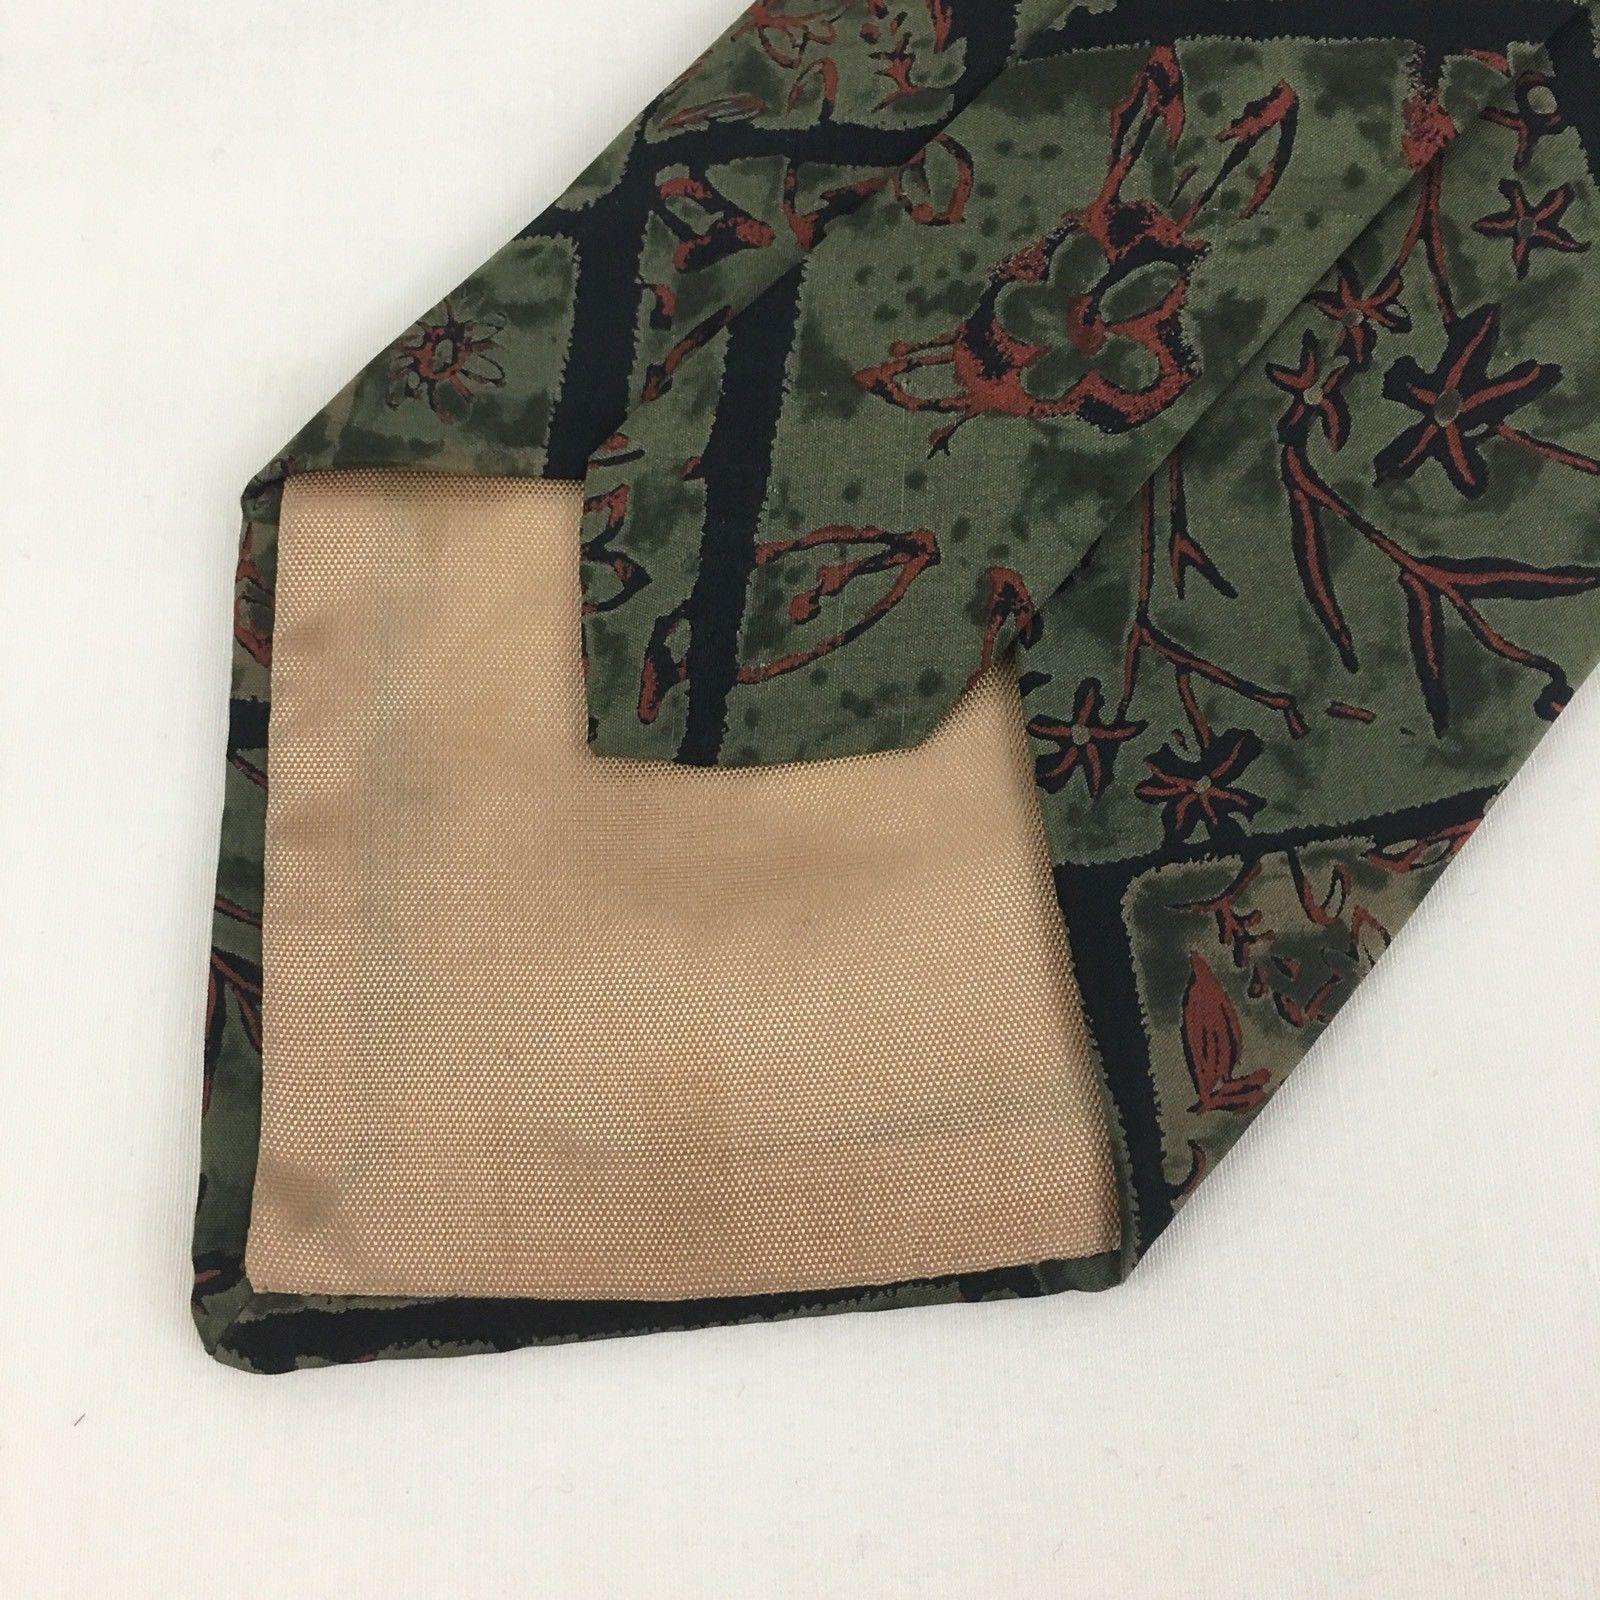 Geoffrey Beene Silk Tie Green Brown Floral 4 Inch Wide image 4